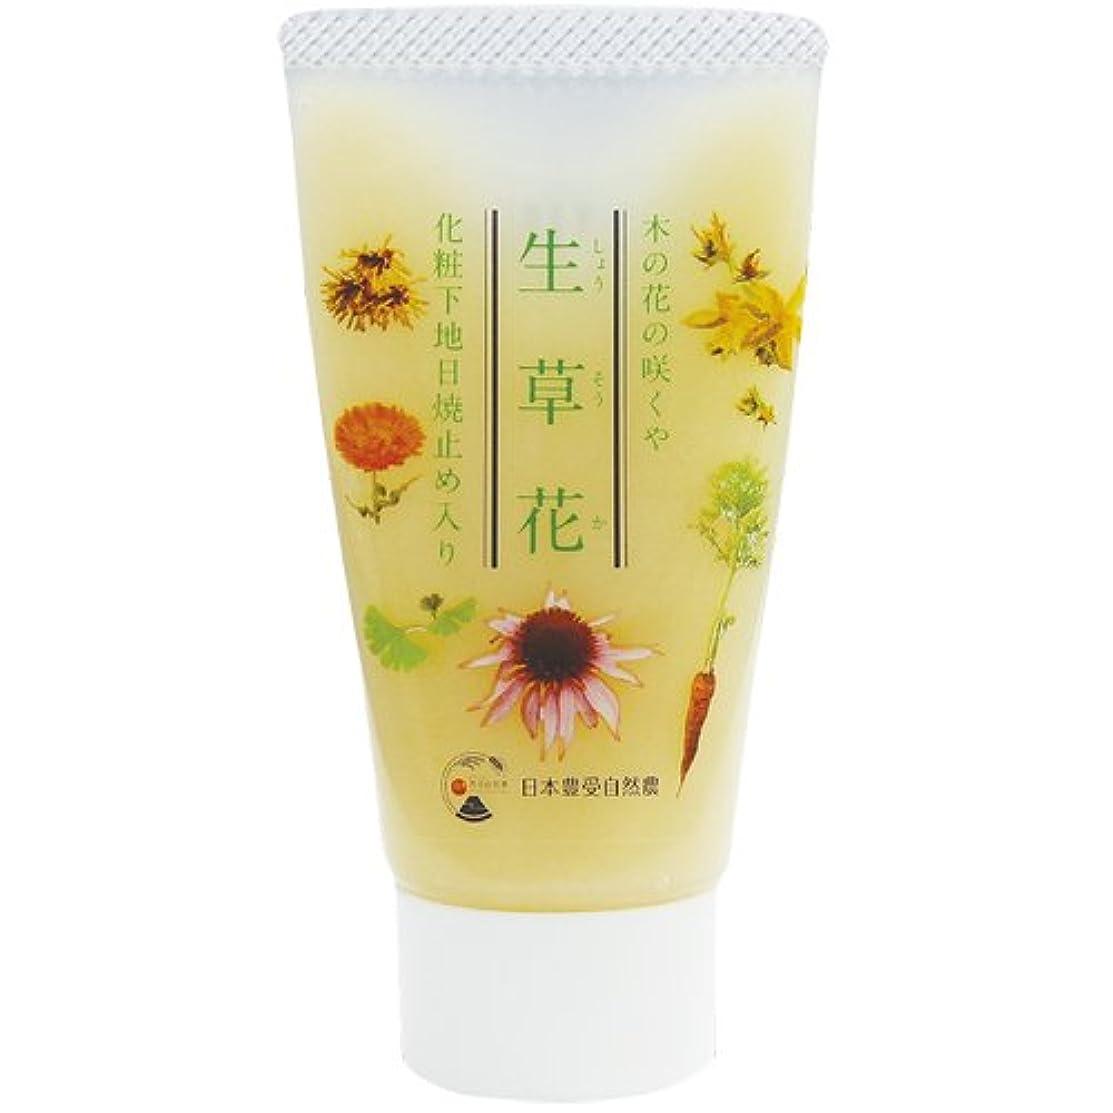 悪化するマーキー一口日本豊受自然農 木の花の咲くや 生草花 化粧下地 日焼け止め入り 30g